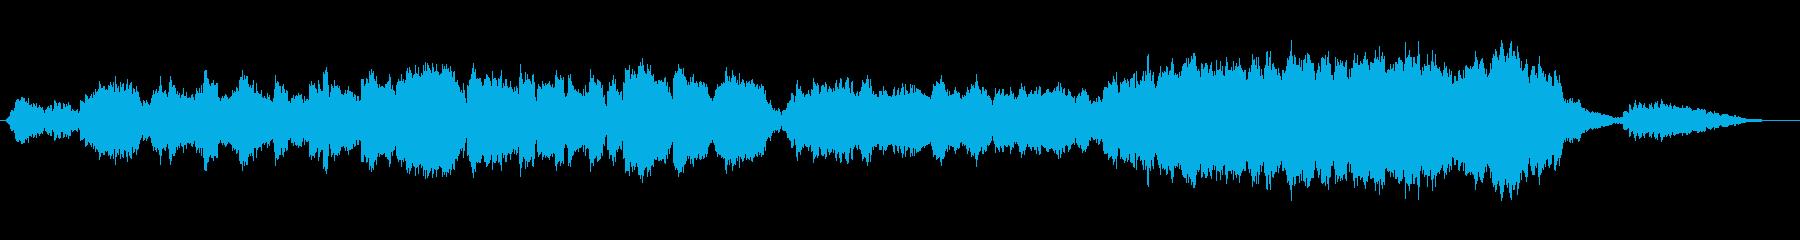 優しい感動的な歌声とストリングスの再生済みの波形